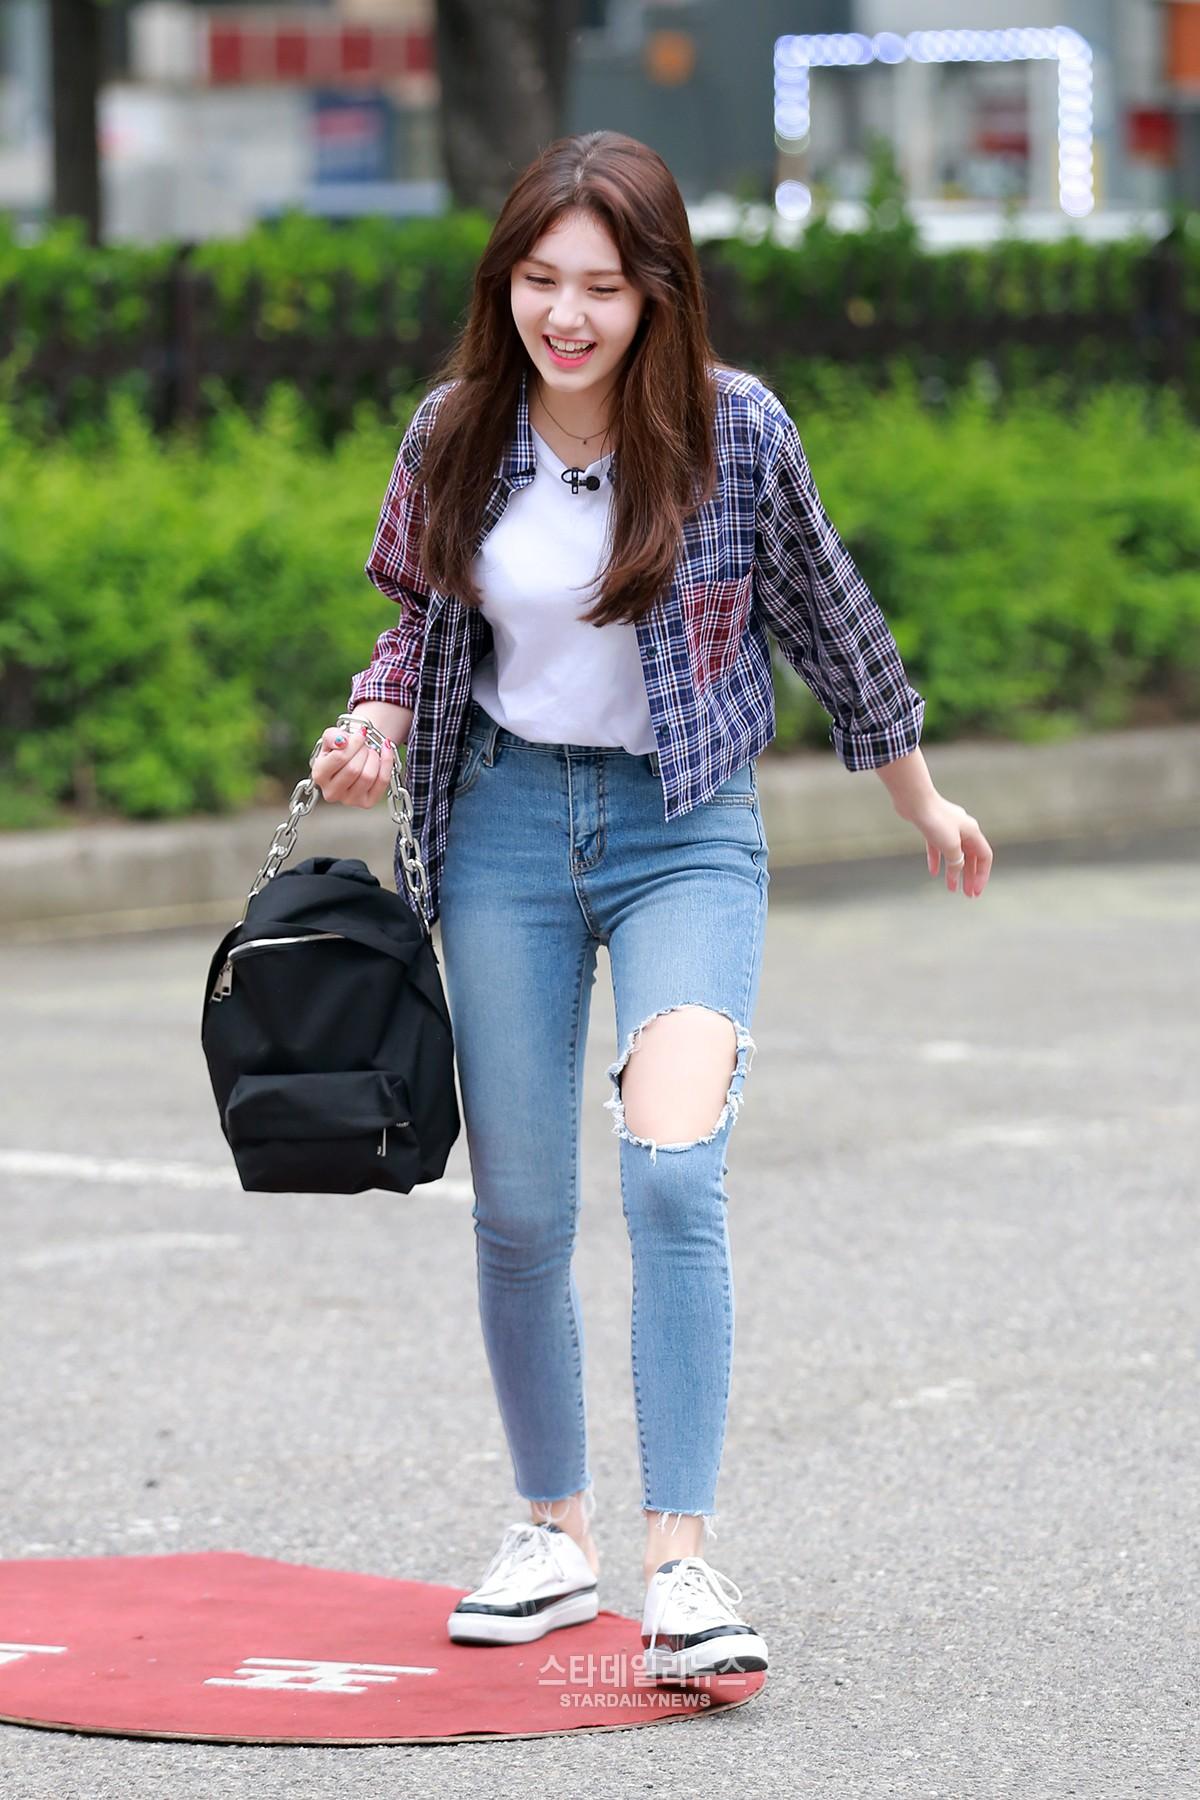 [S포토+] 전소미, '와~~ 신났솜' (뮤직뱅크 출근길)